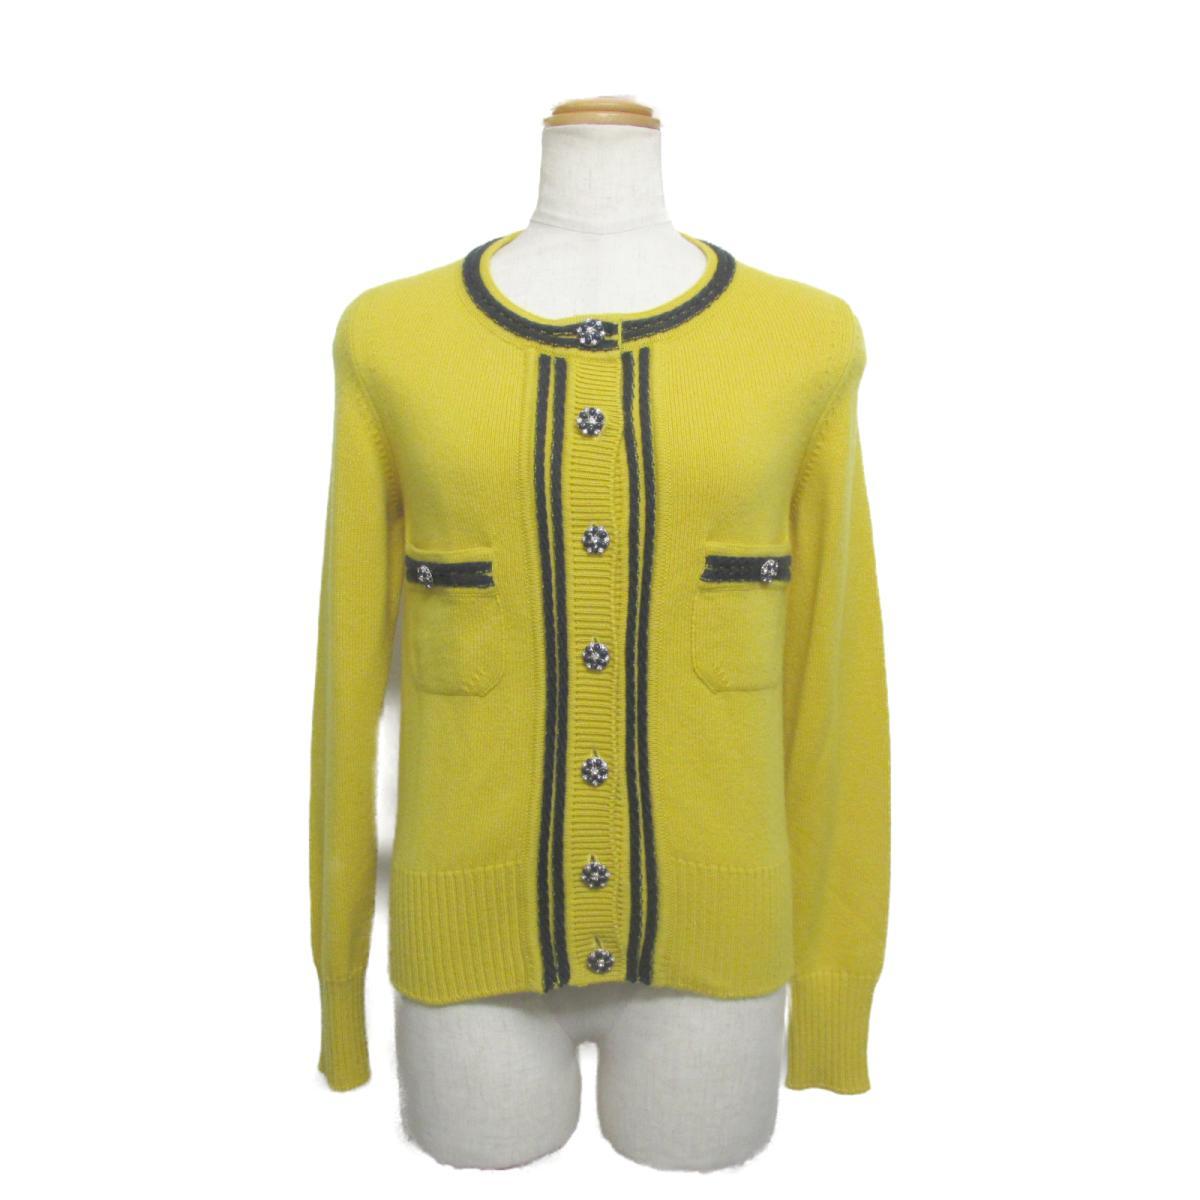 【中古】 シャネル カーディガン レディース 100%カシミア イエロー x チャコールグレー (P432020K04355) | CHANEL BRANDOFF ブランドオフ 衣料品 衣類 ブランド トップス ボレロ